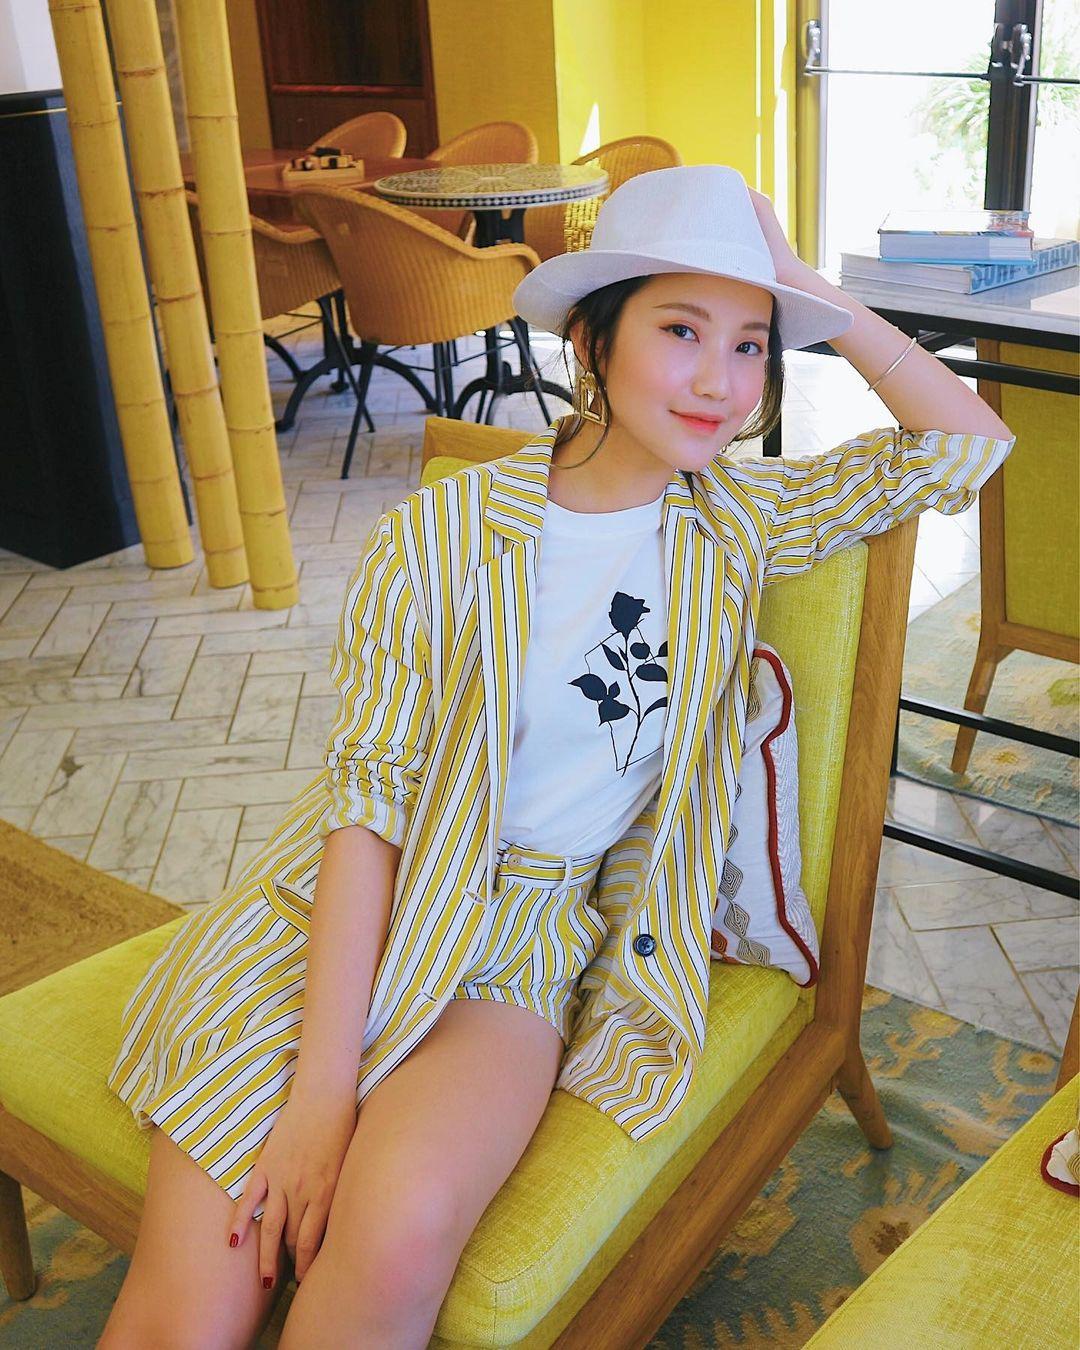 Trên Instagram, người đẹp thường xuyên cập nhật hình ảnh trong những chuyến du lịch, lúc là nước ngoài, lúc ở các resort trong nước. Mỗi lần đi chơi, vợ sắp cưới Phan Thành đều lên đồ đẹp mắt, là nguồn cảm hứng mix đồ cho nhiều bạn trẻ.